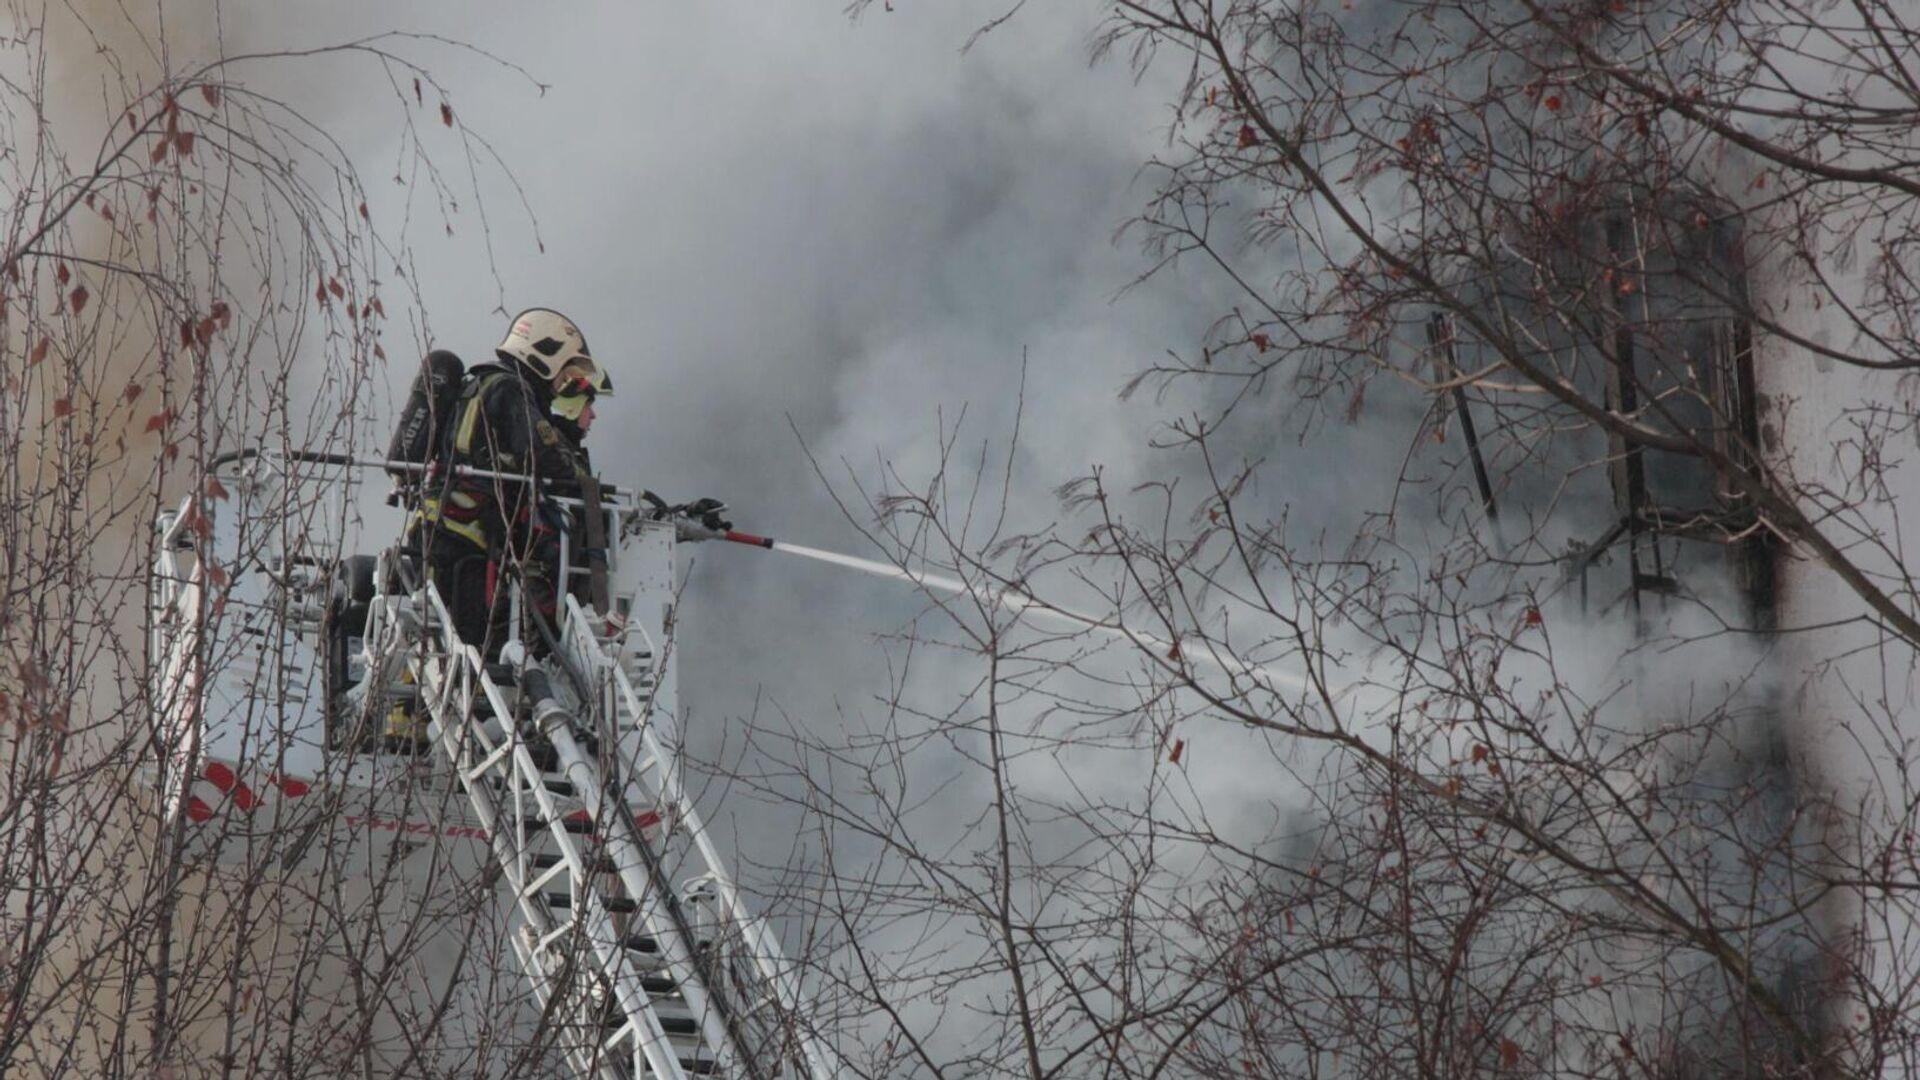 В МЧС рассказали о пожаре на складе в Барнауле